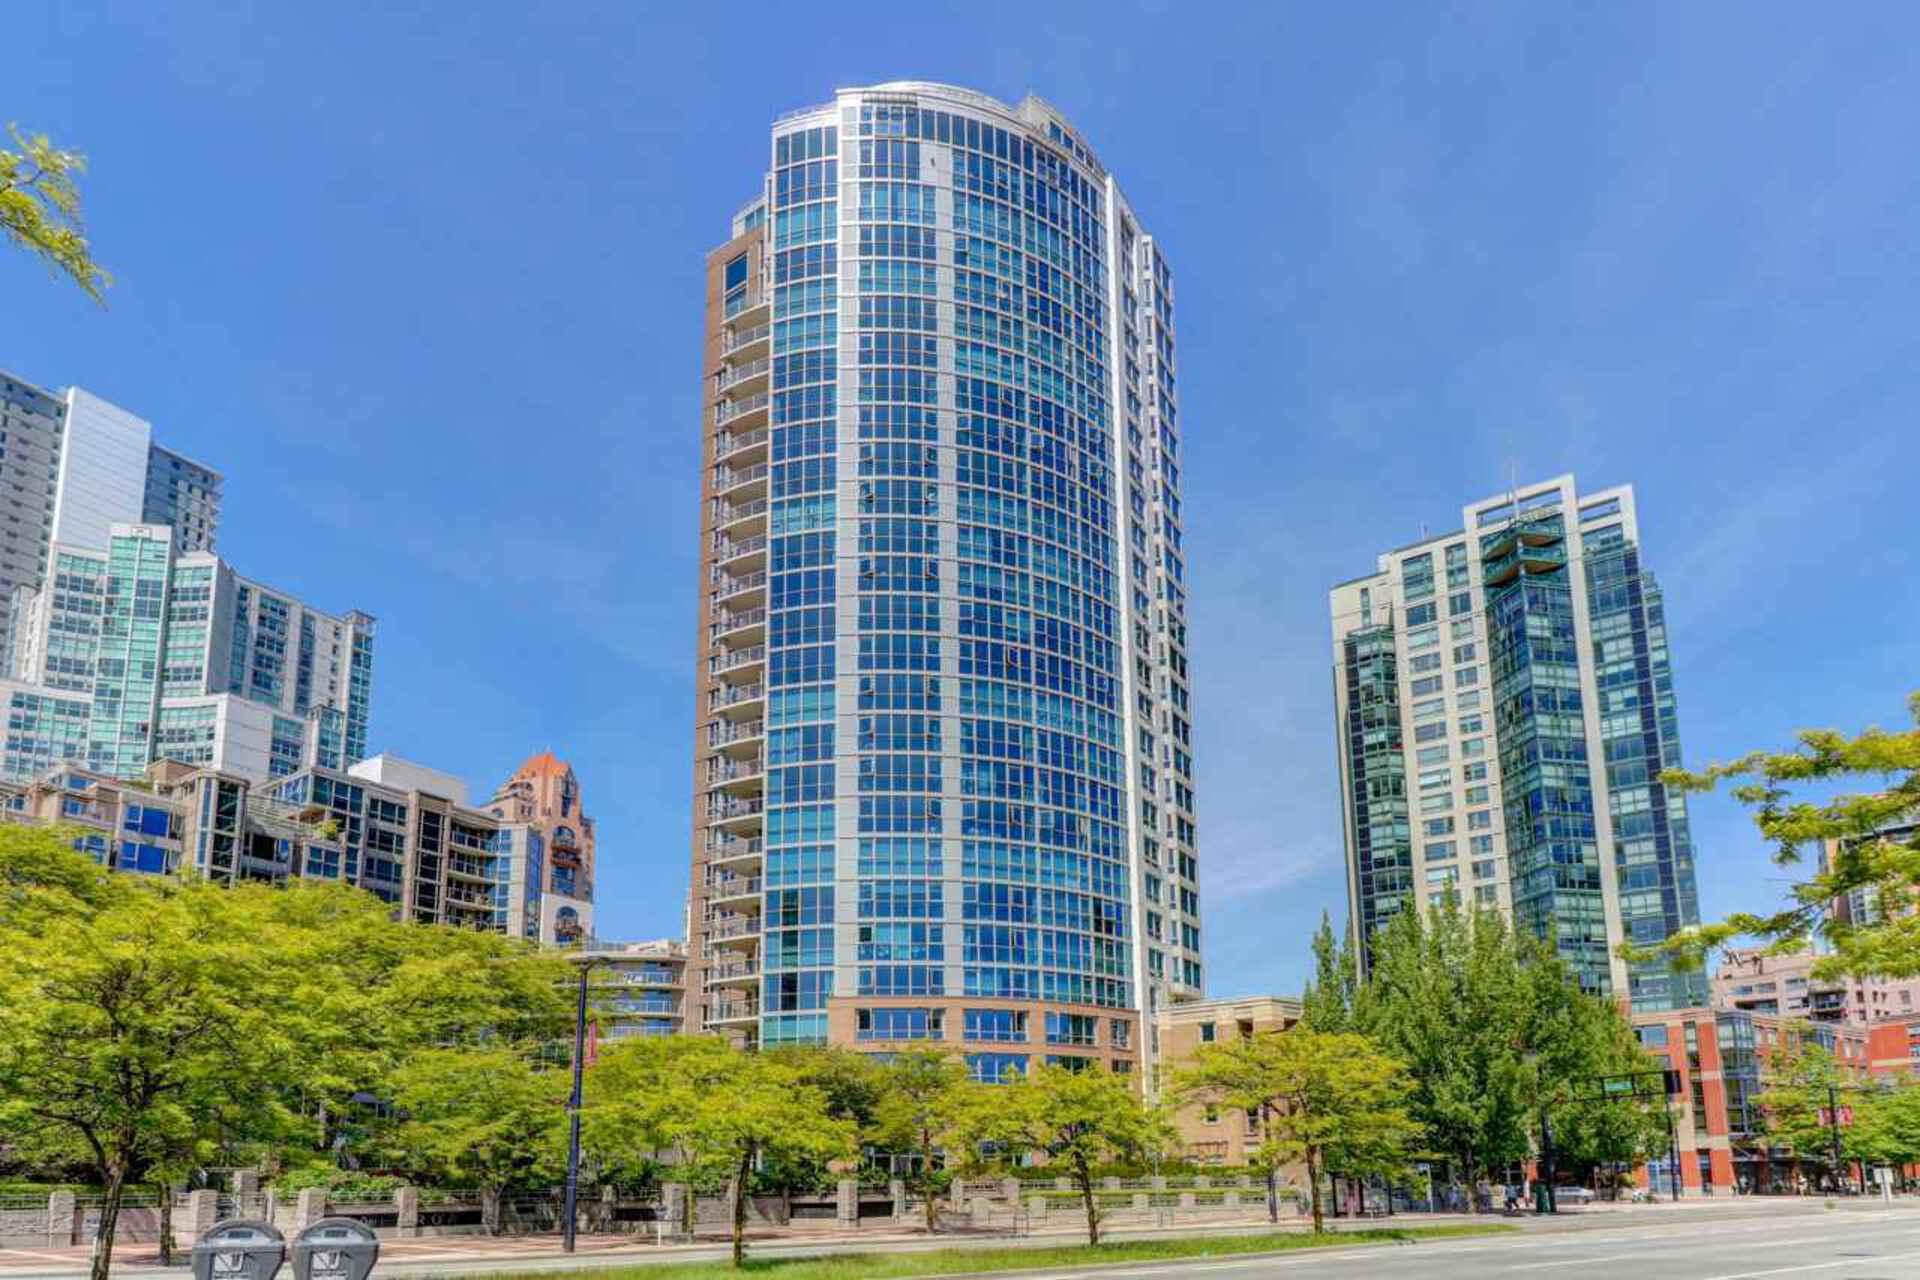 388-drake-street-yaletown-vancouver-west-32 at 103 - 388 Drake Street, Yaletown, Vancouver West